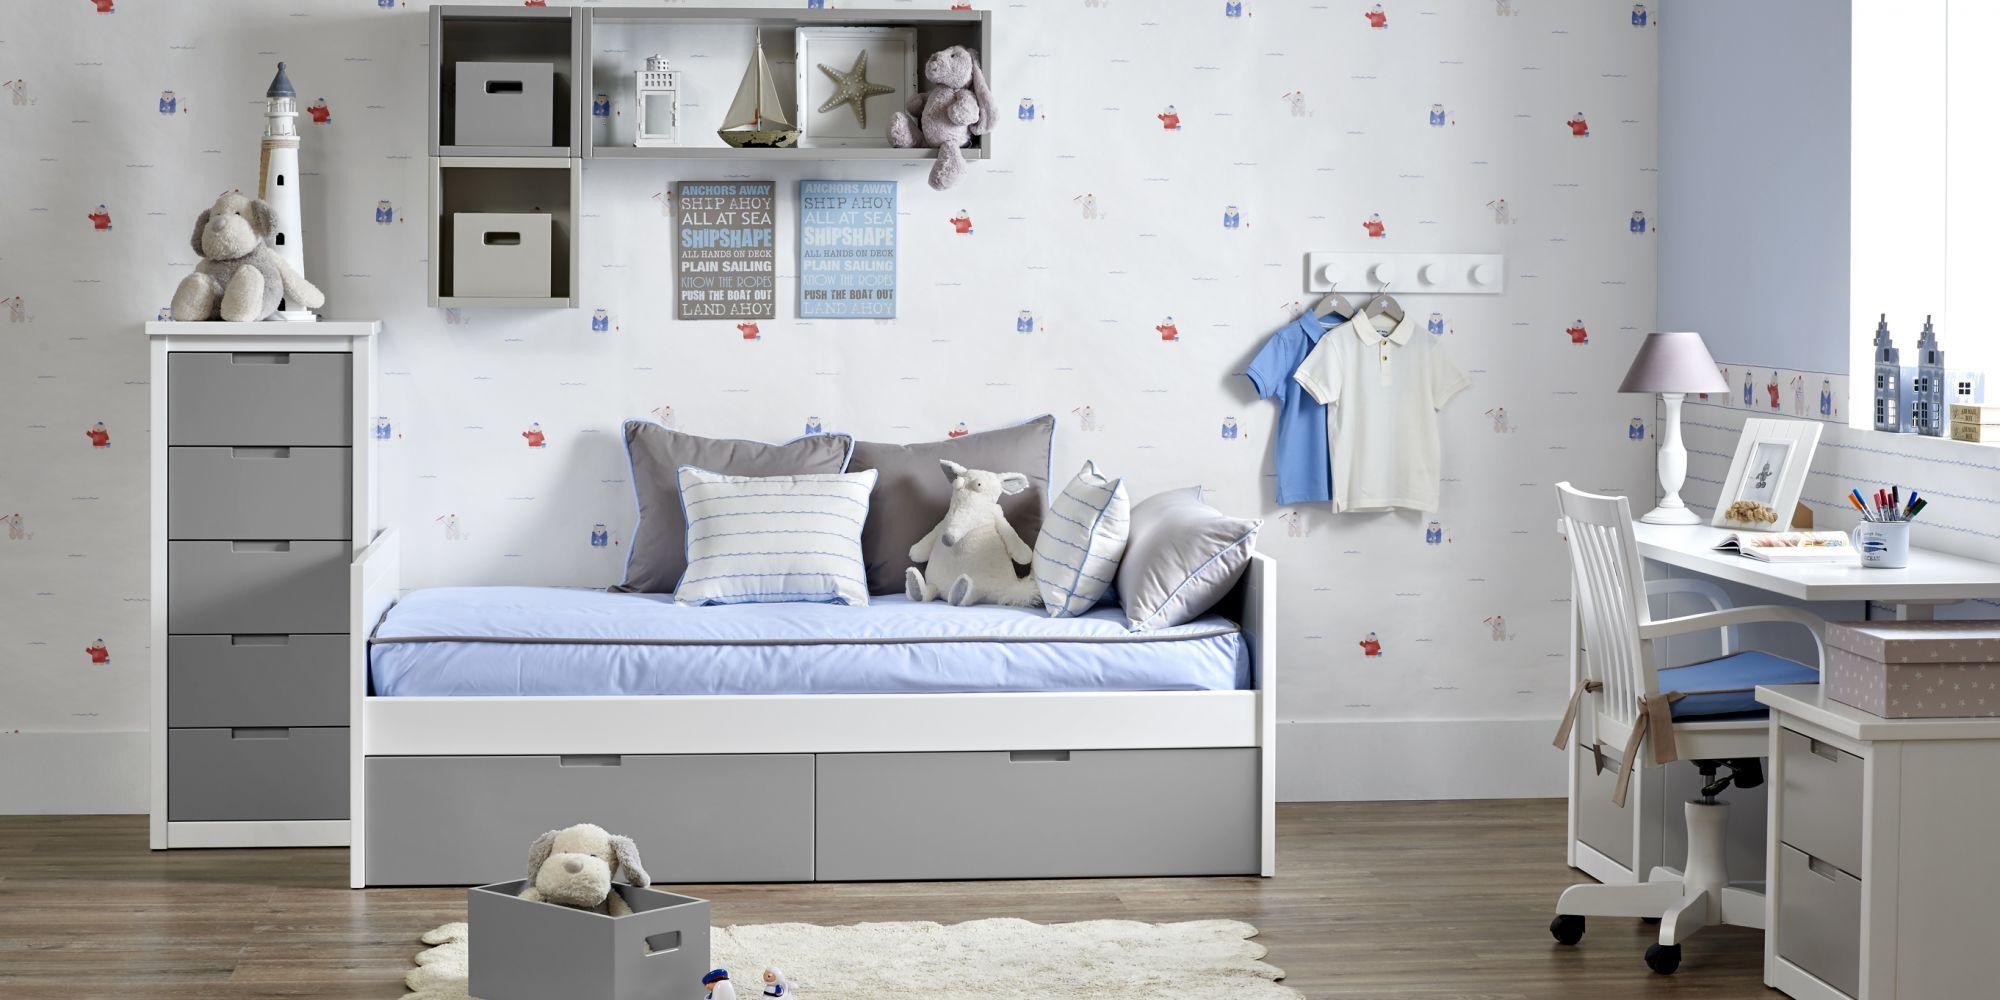 Habitación con minicompacto infantil gris